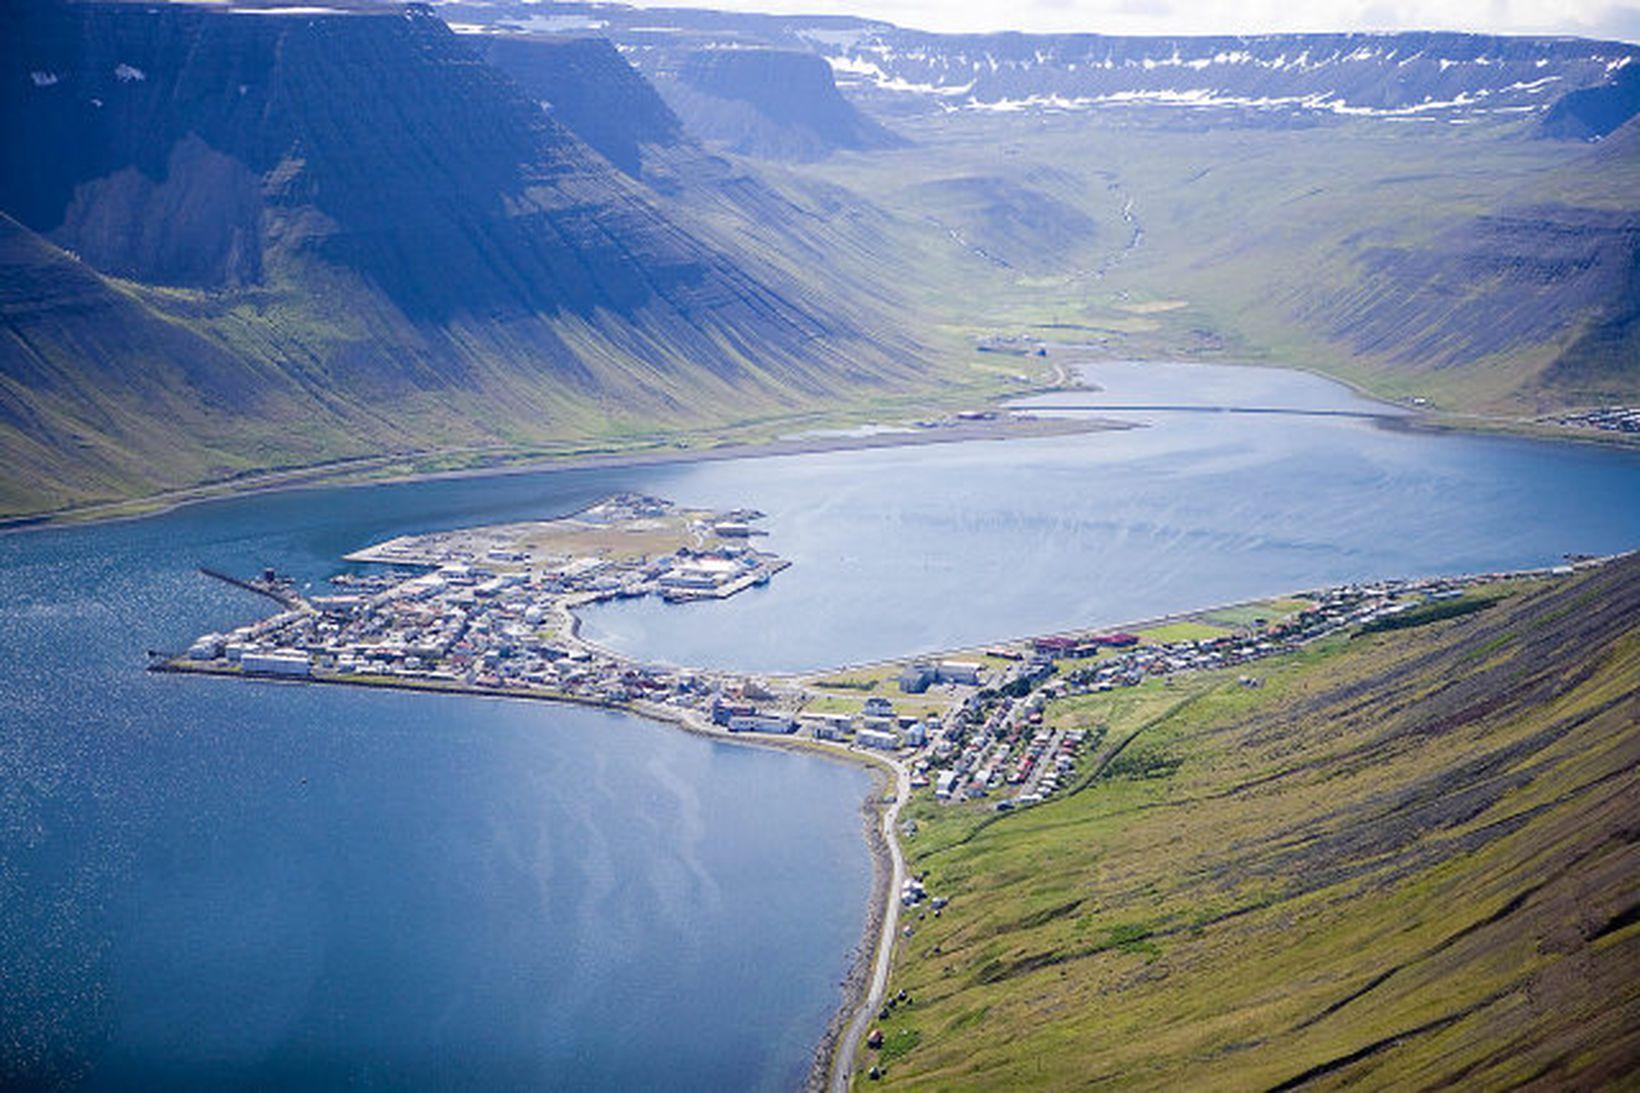 Frá Ísafirði. Um 3.000 manns greiða í Lífeyrissjóð Vestfirðinga.